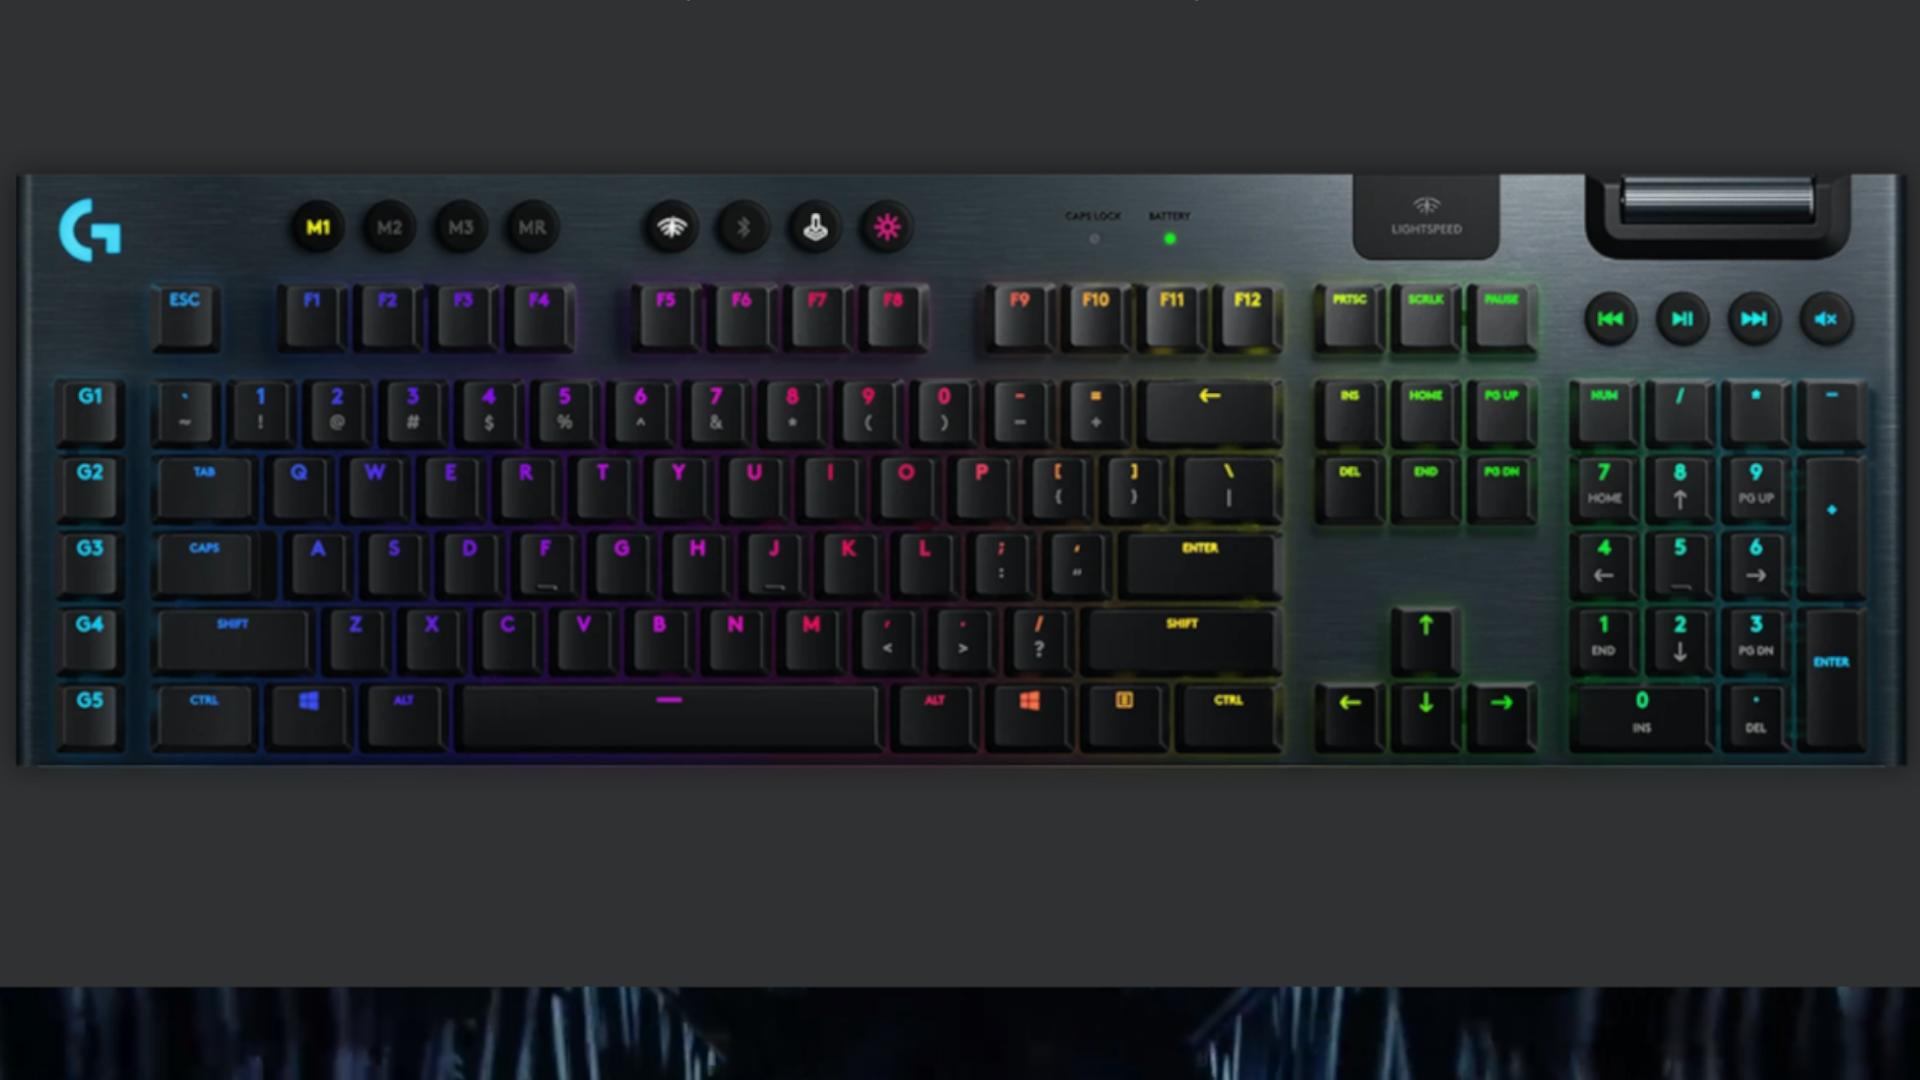 Teclado Mecânico Gamer Sem Fio Logitech G915 LIGHTSPEED é opção de teclado gamer Logitech sem fio (Foto: Divulgação/Logitech)